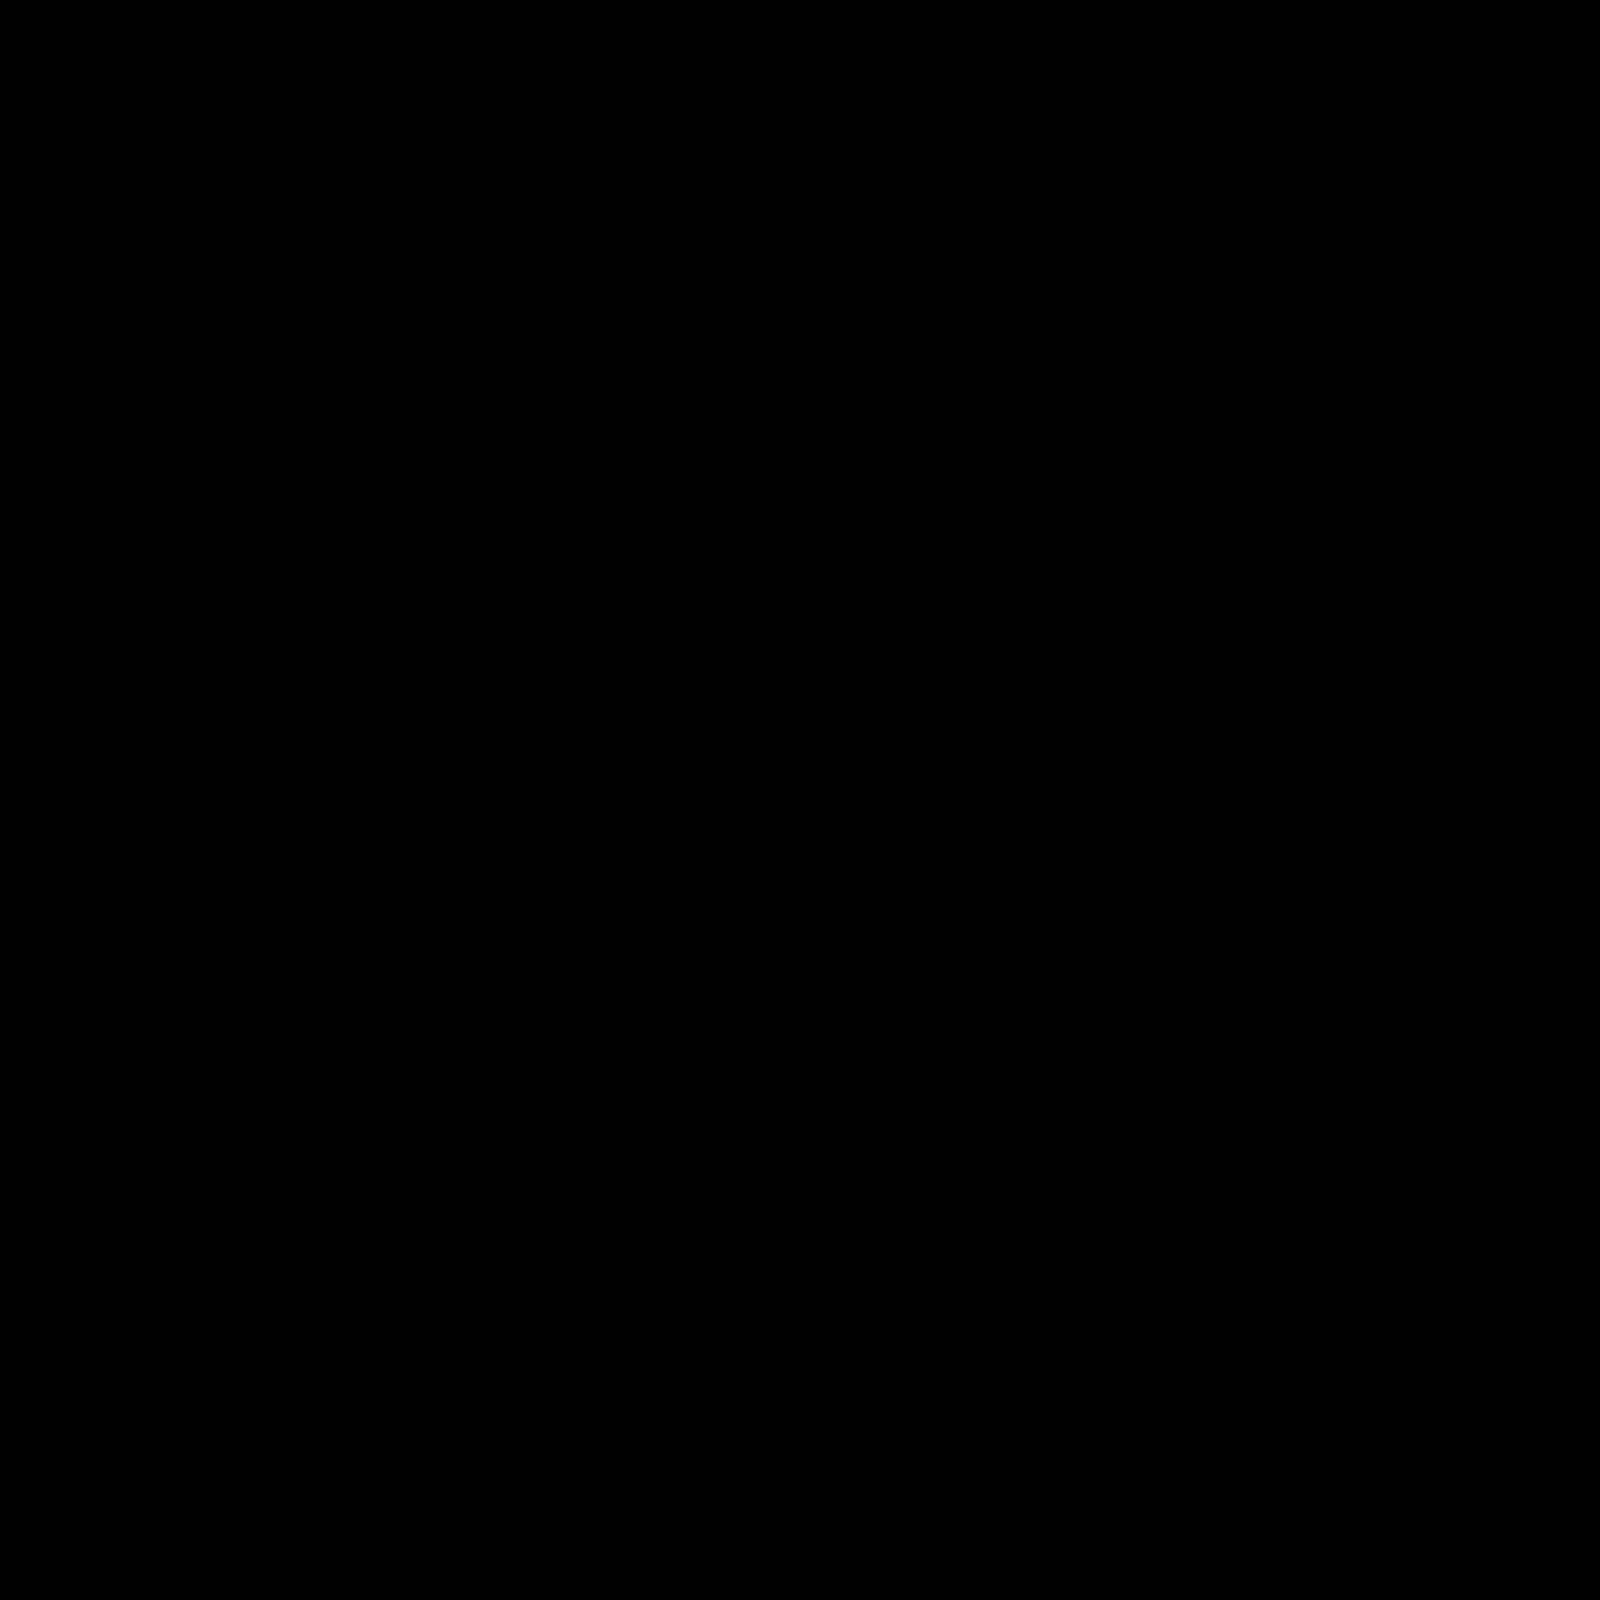 Zaznaczone pole wyboru icon